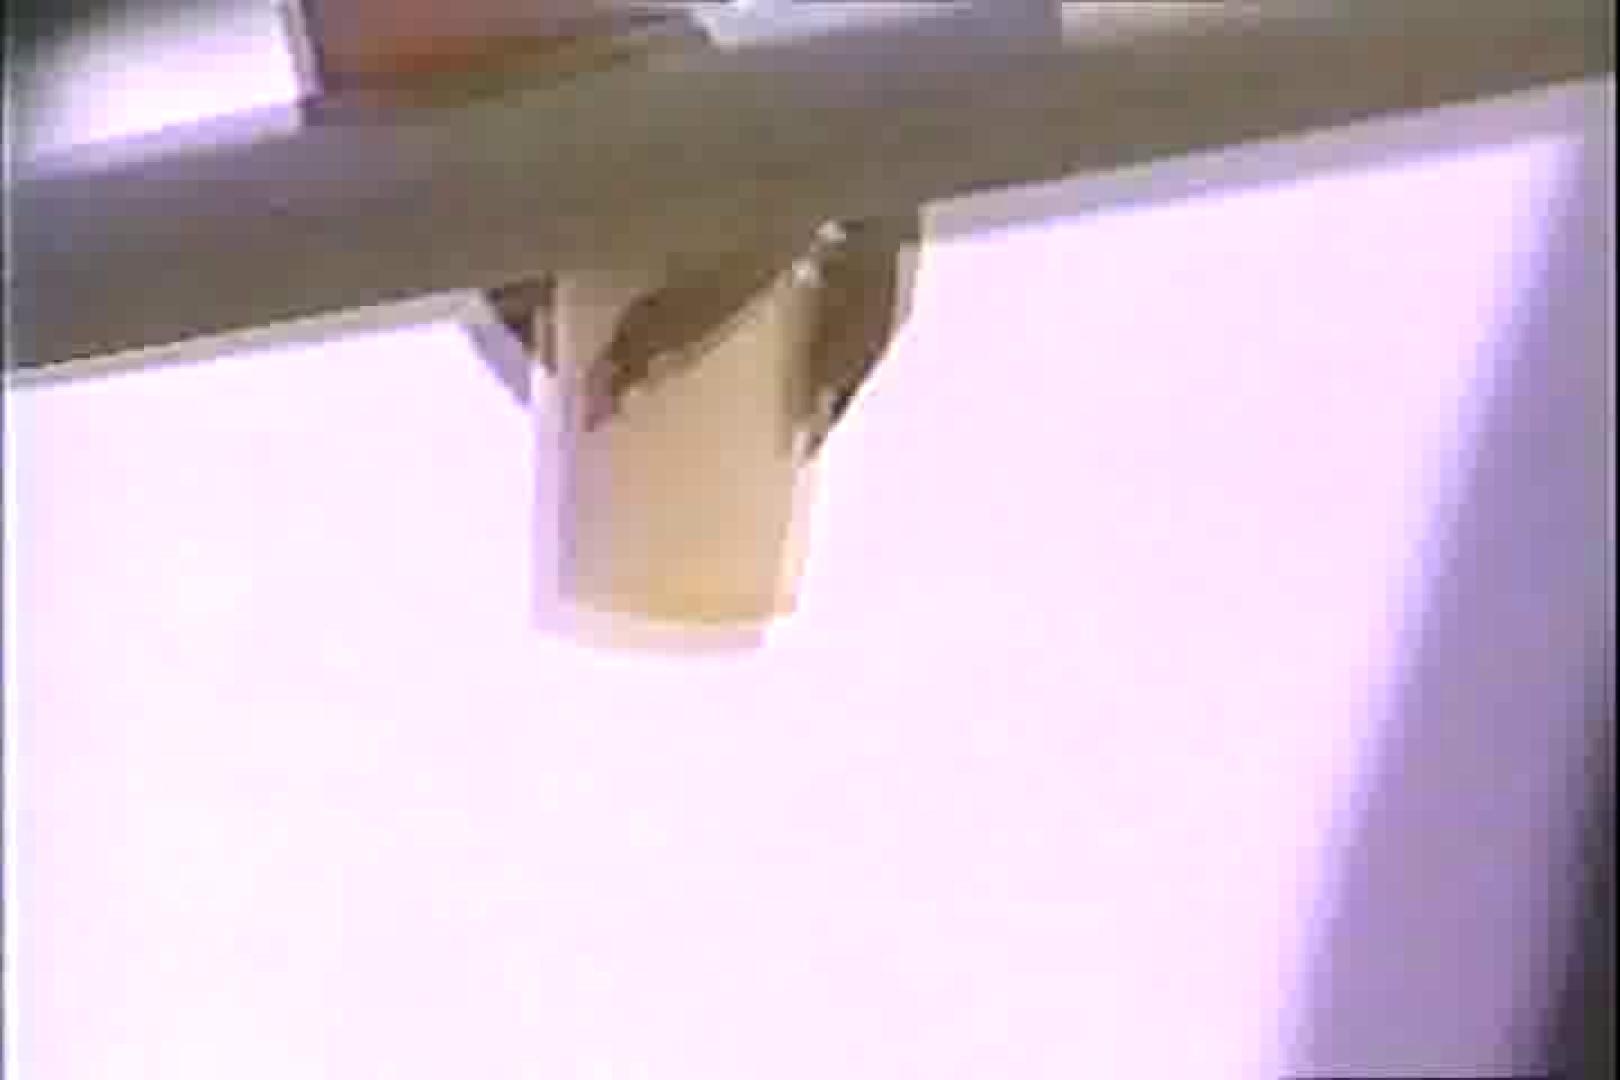 「ちくりん」さんのオリジナル未編集パンチラVol.3_01 テクニック オマンコ無修正動画無料 103pic 103